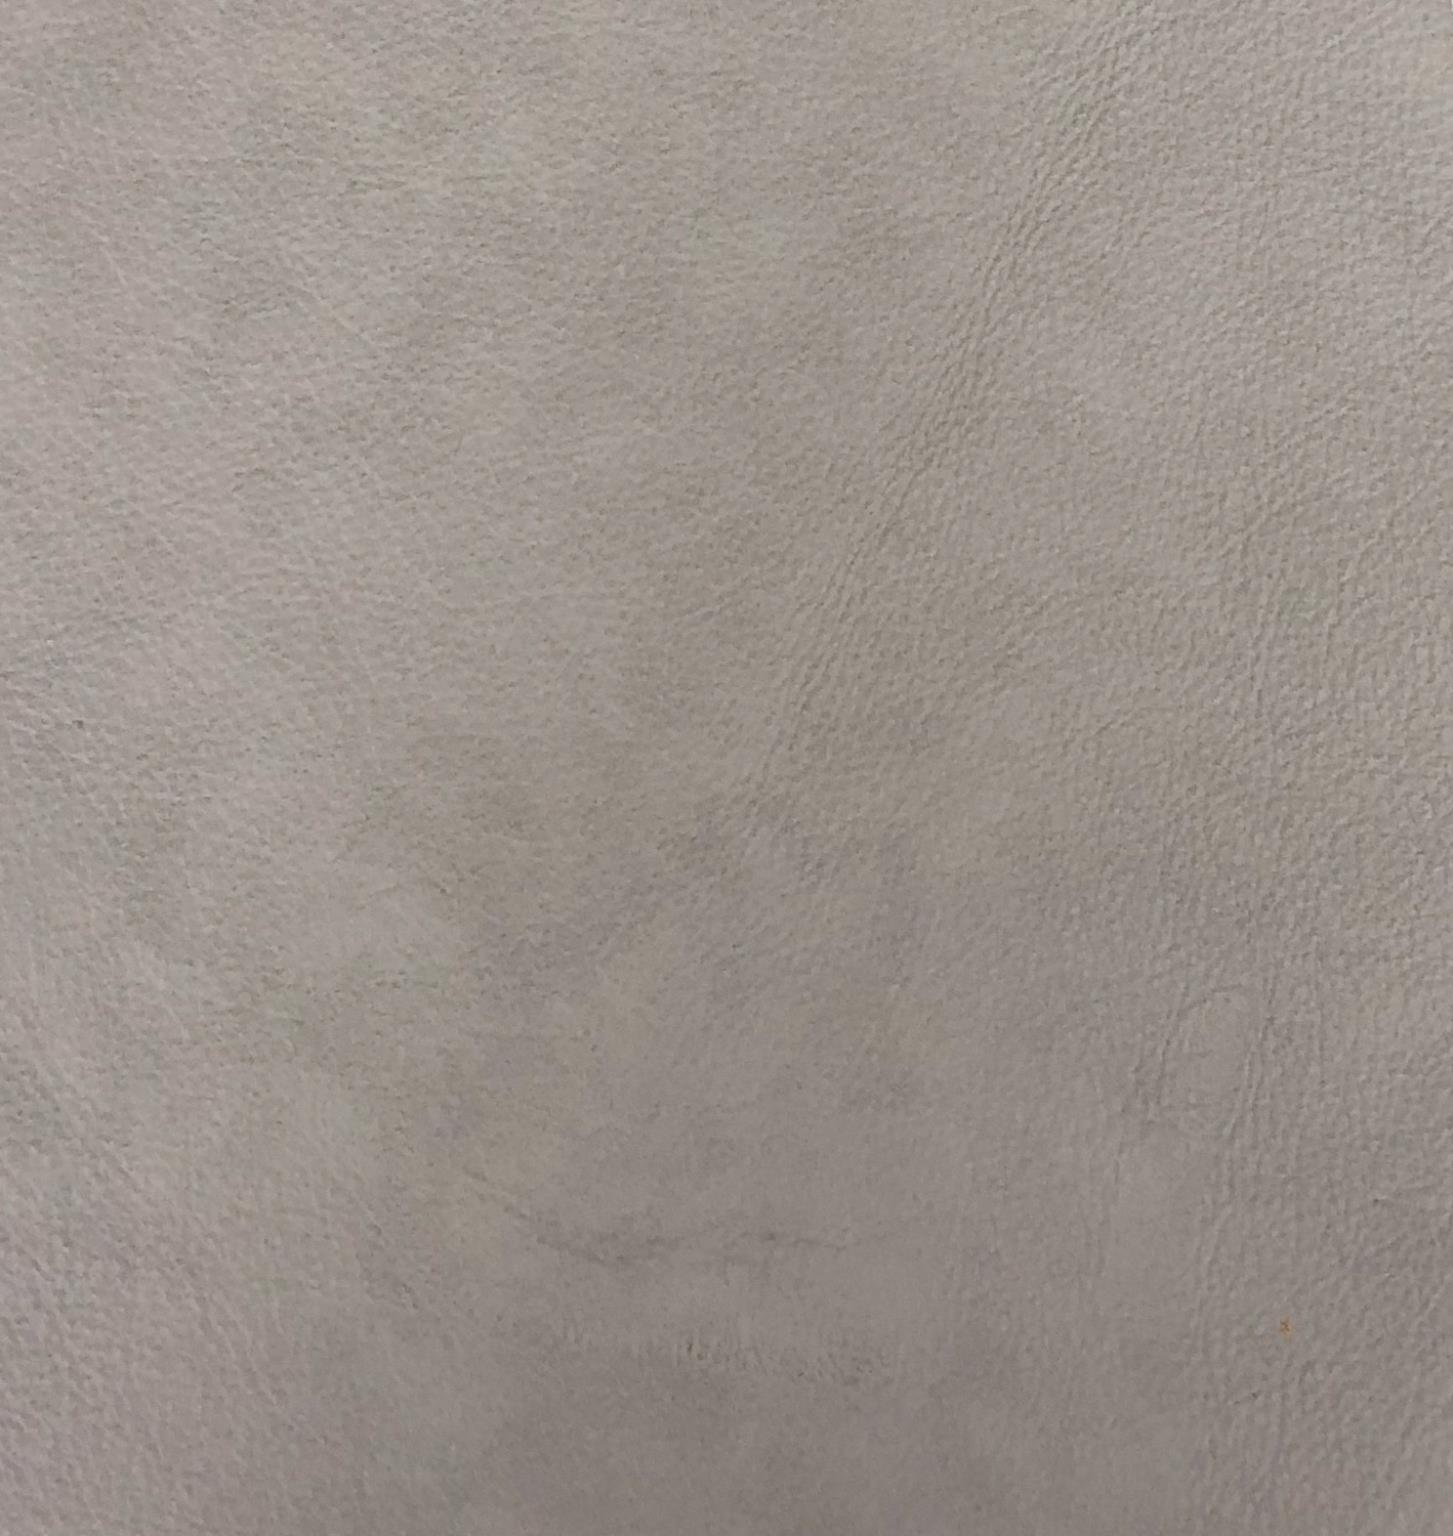 Dusty White Upholstery Finish